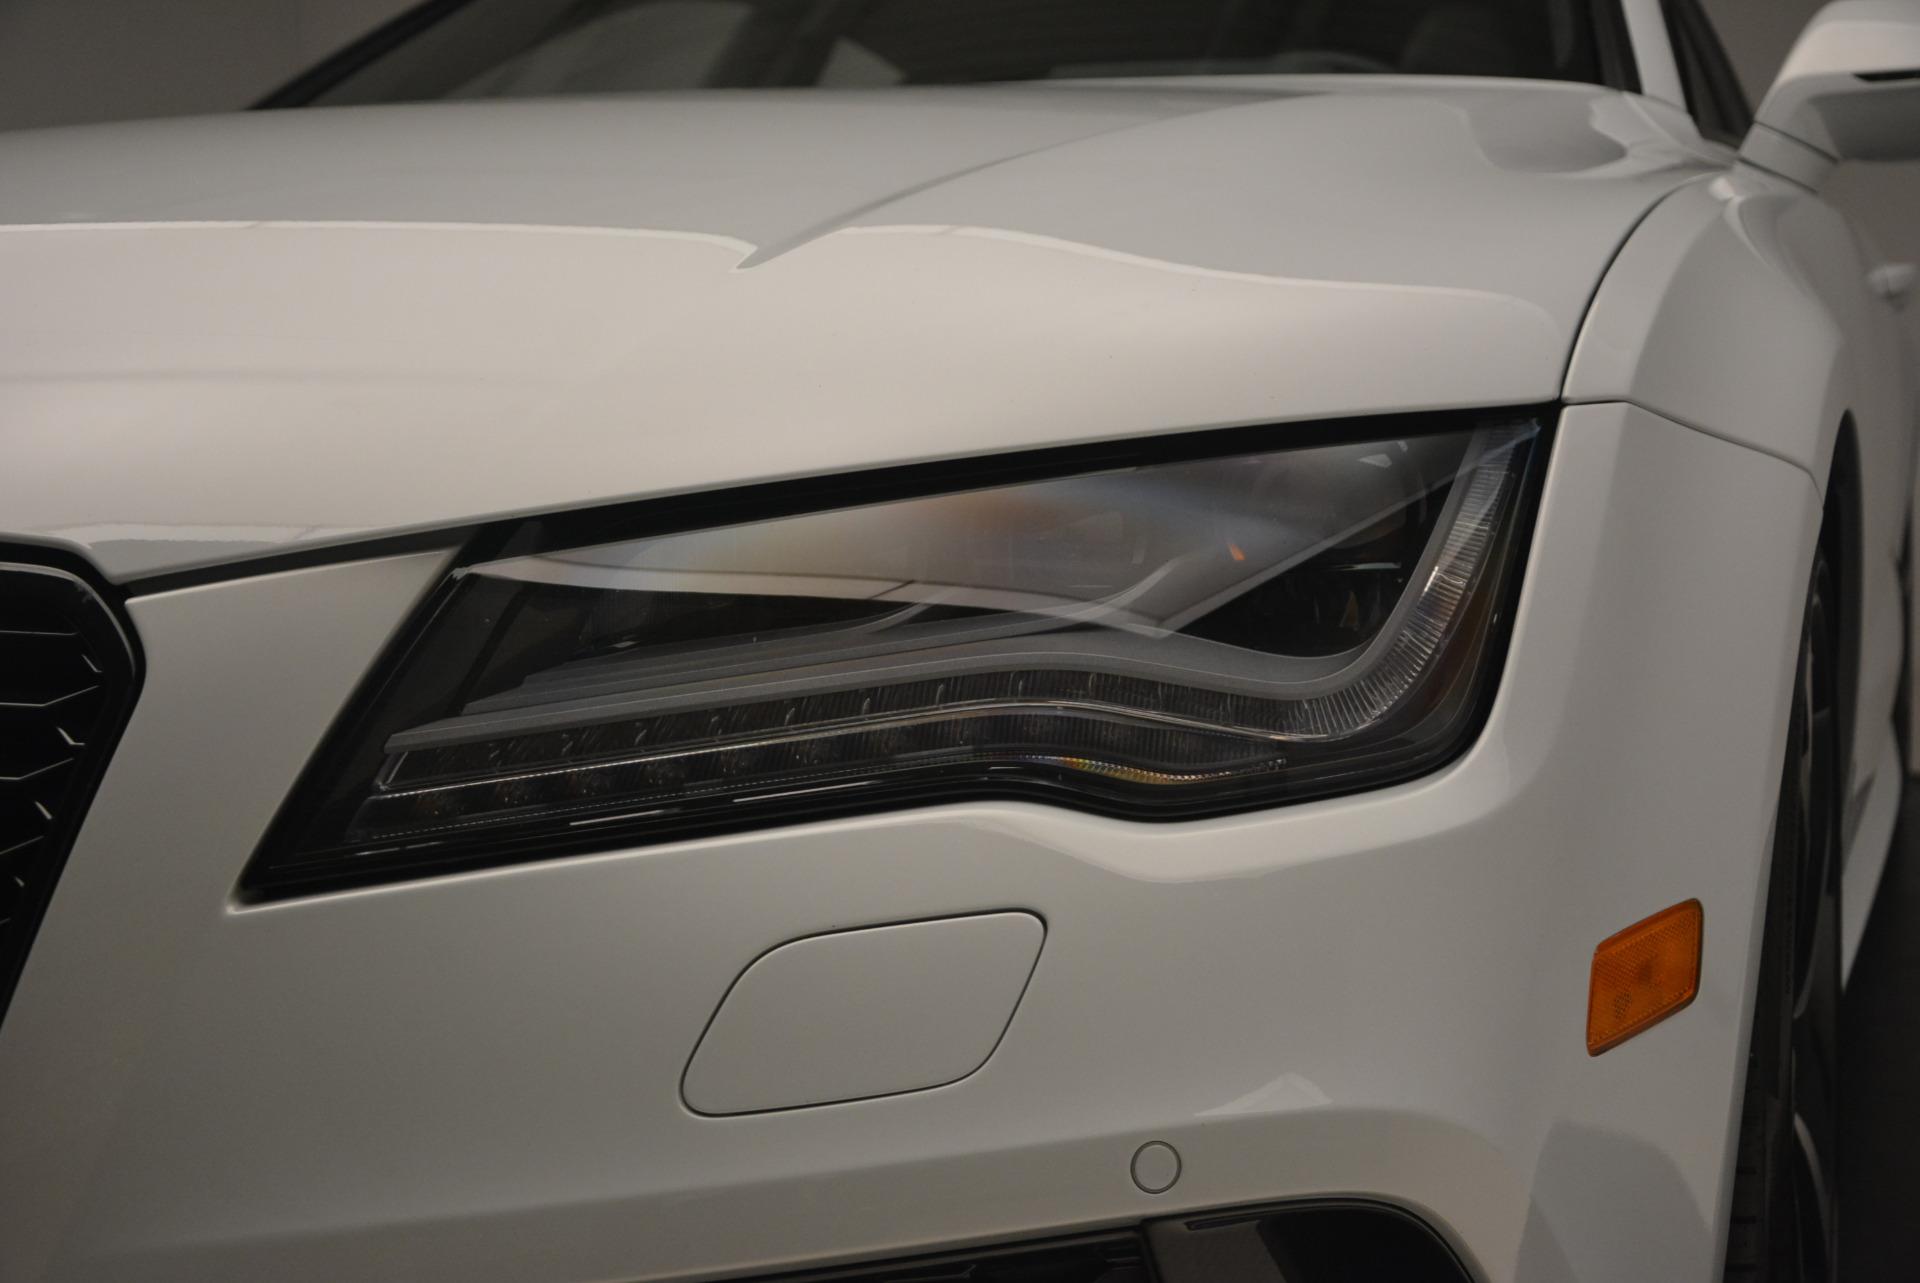 Used 2014 Audi RS 7 4.0T quattro Prestige For Sale In Westport, CT 1262_p16